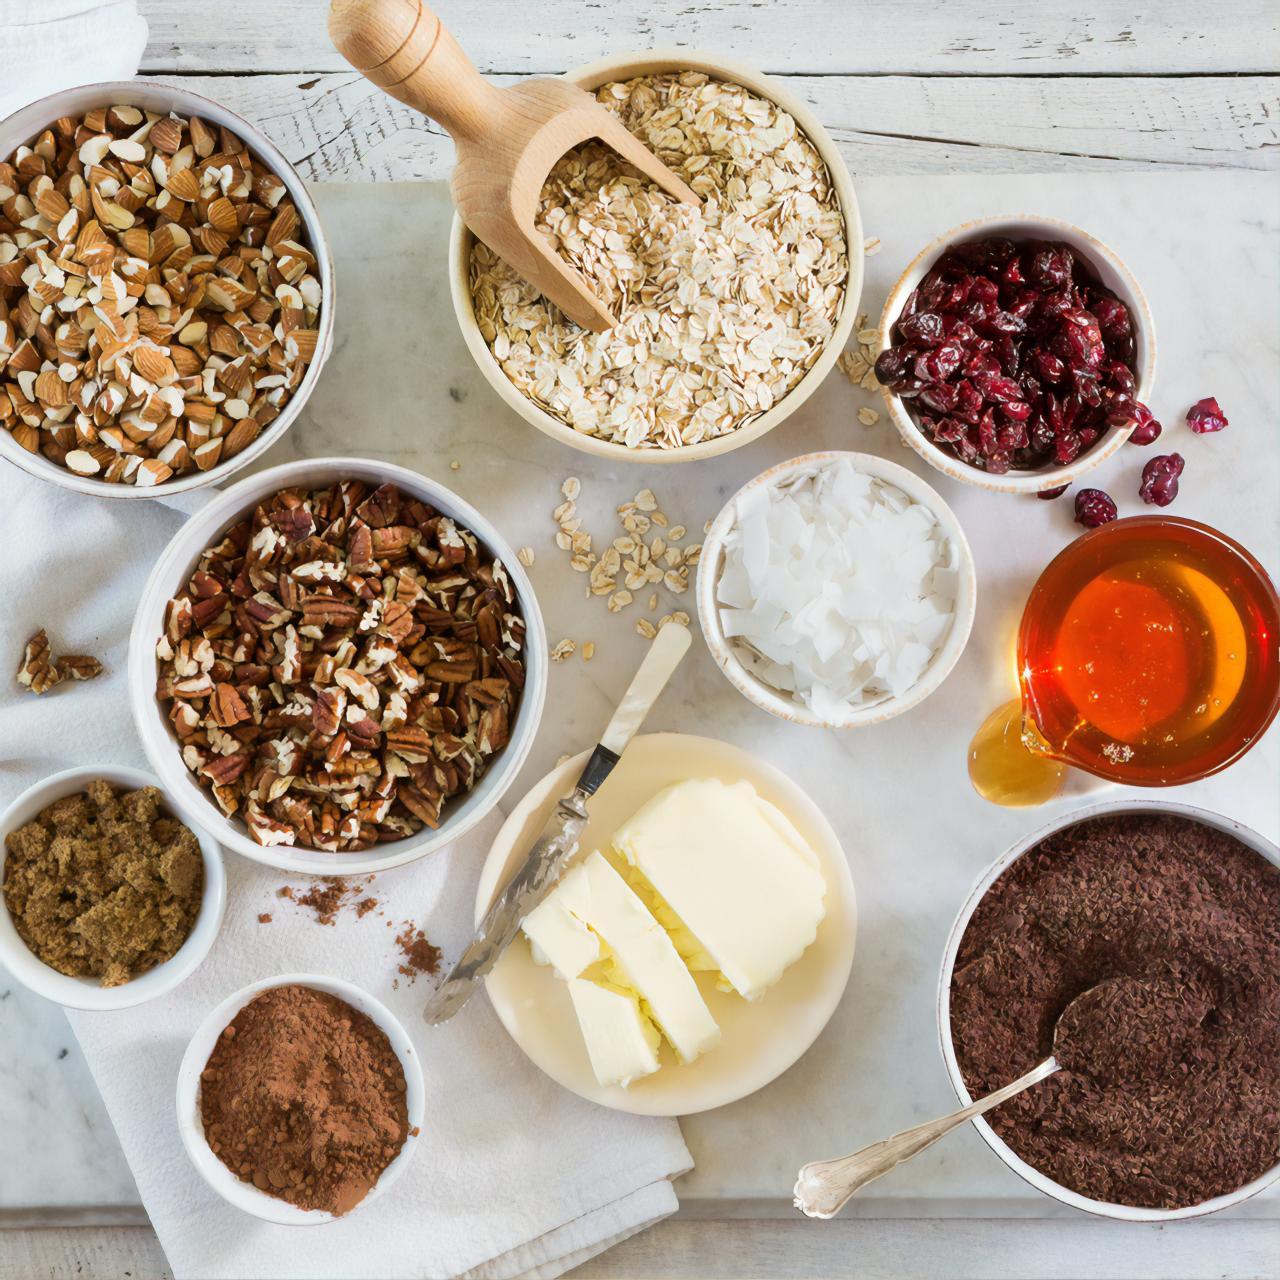 Le son d'avoine : Véritable aliment minceur naturel